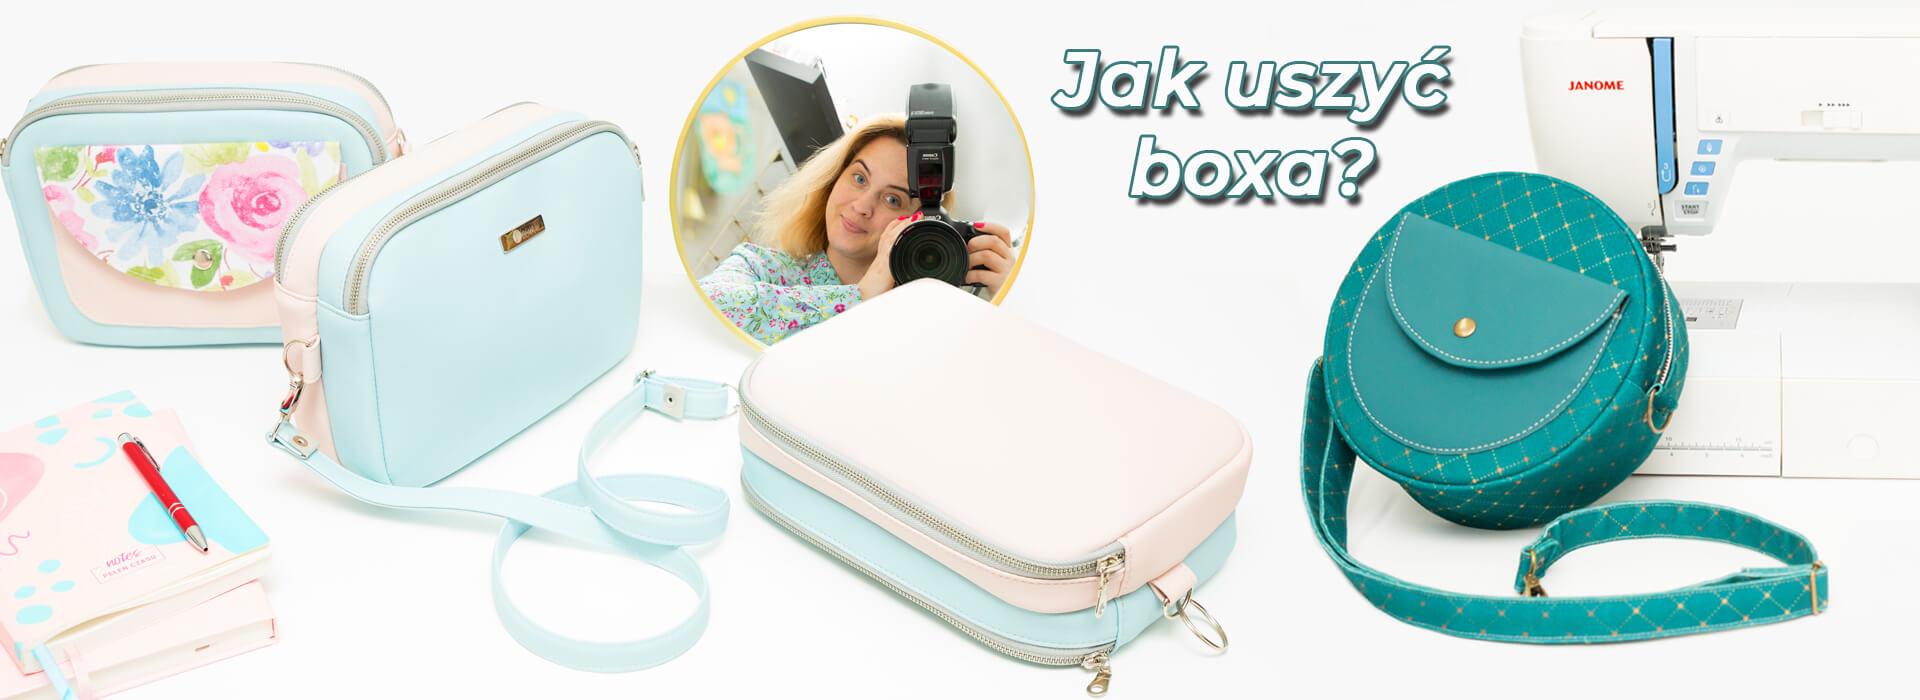 Jak uszyć torebkę typu box? Okrągłą, prostokątną… A może box dwukomorowy DOUBLE BOX? Wszystko o szyciu torebek typu box.